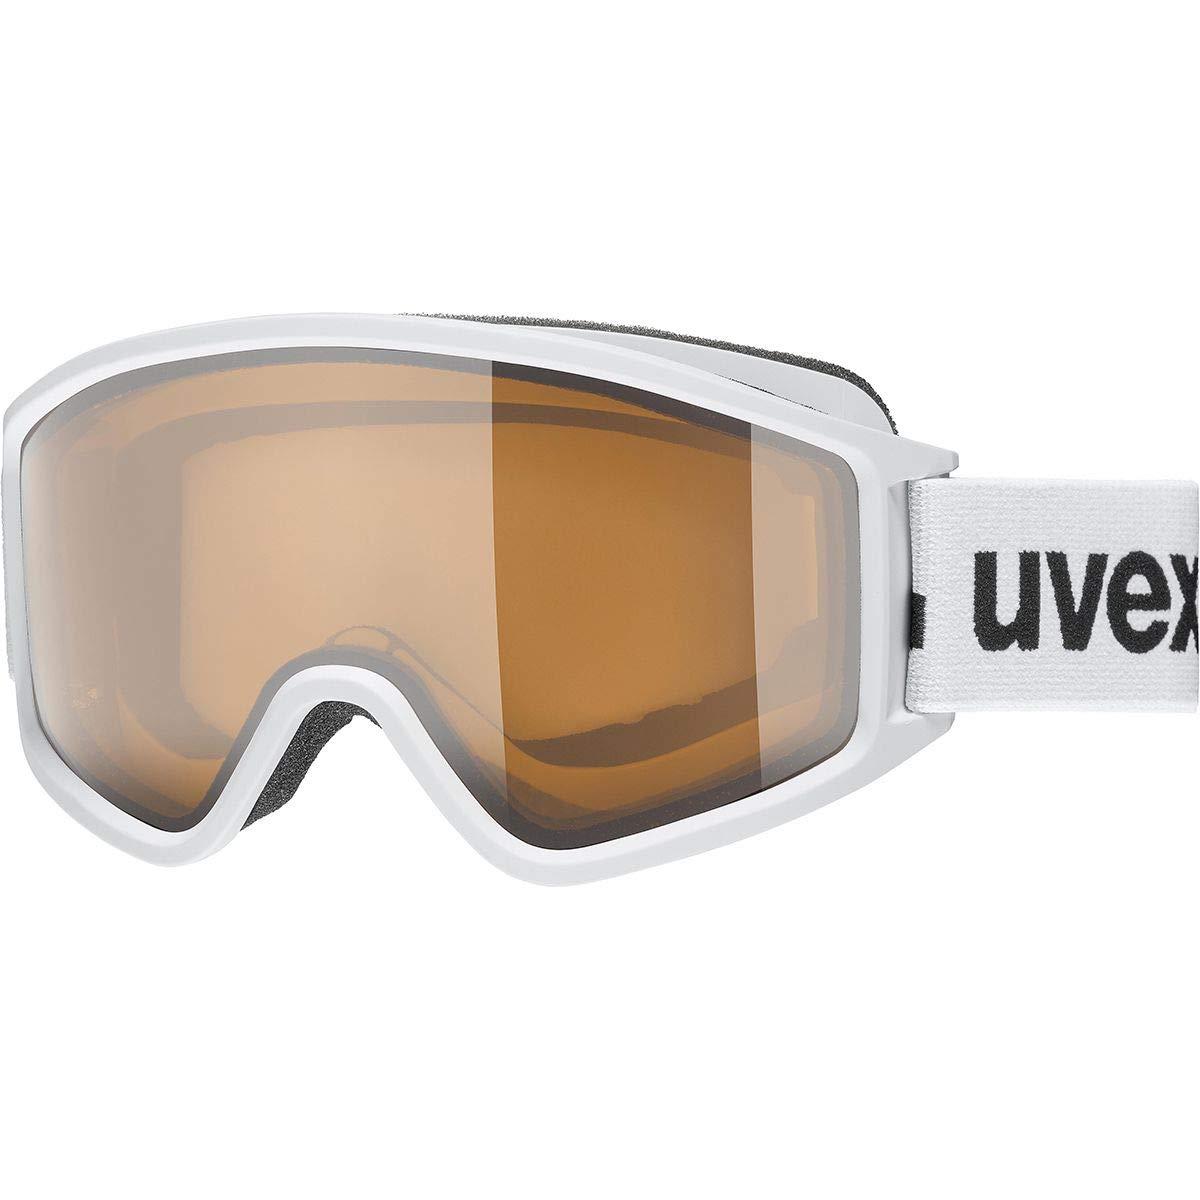 Uvex G.gl 3000 P Skibrille